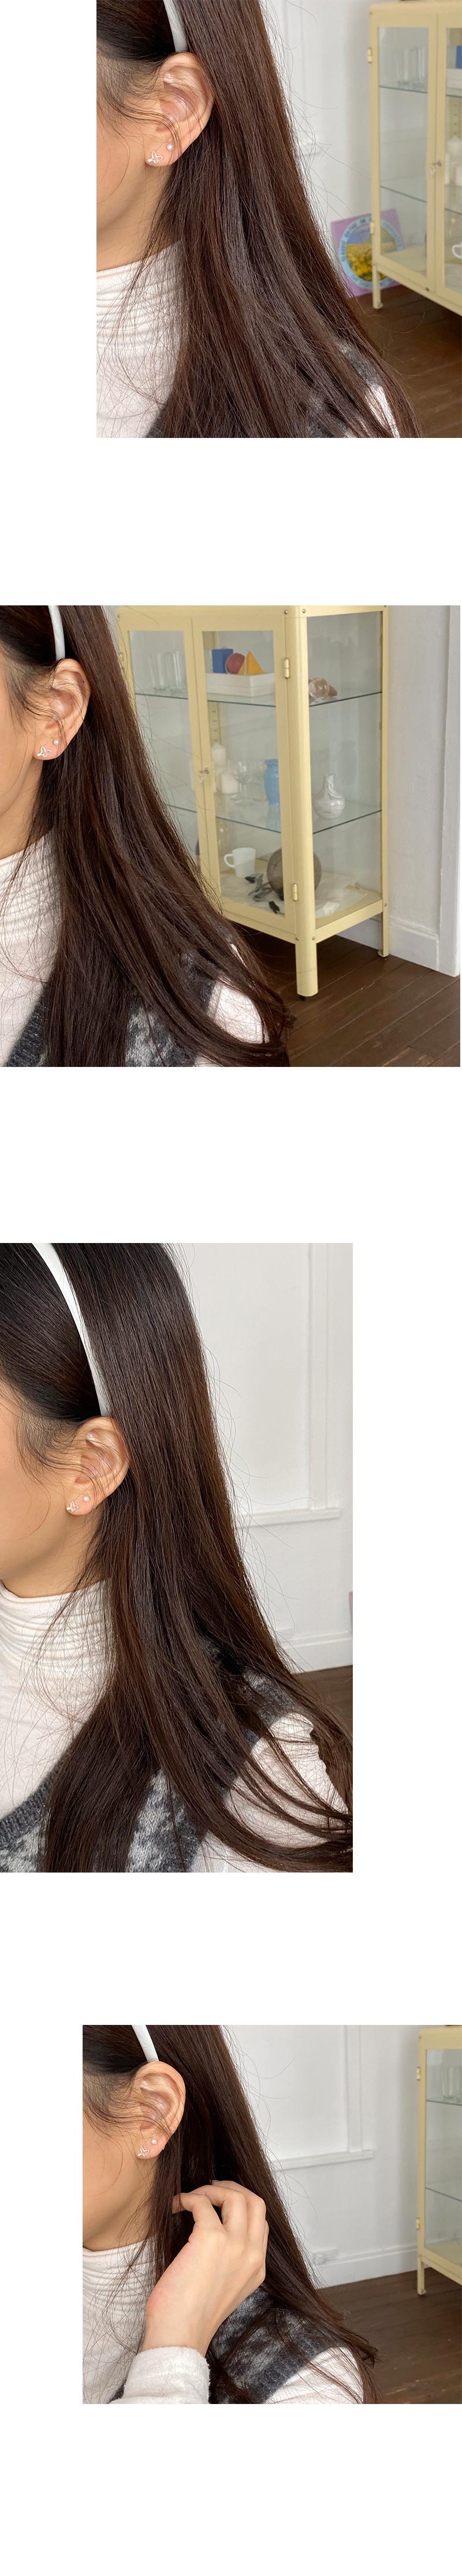 fly earring set